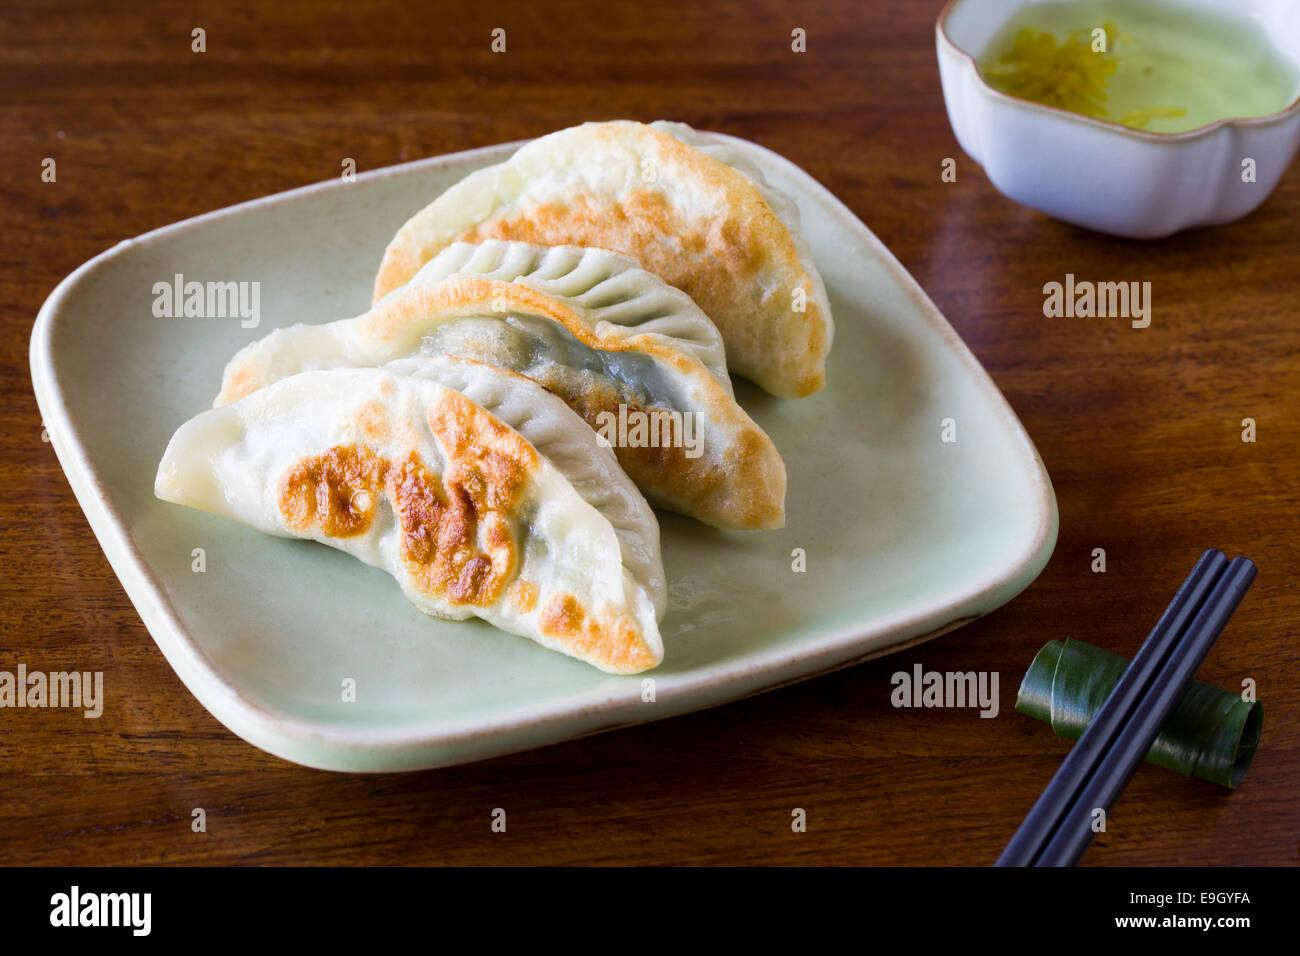 Chinesisch (traditionell) snack frittierte Teigtaschen Stockbild